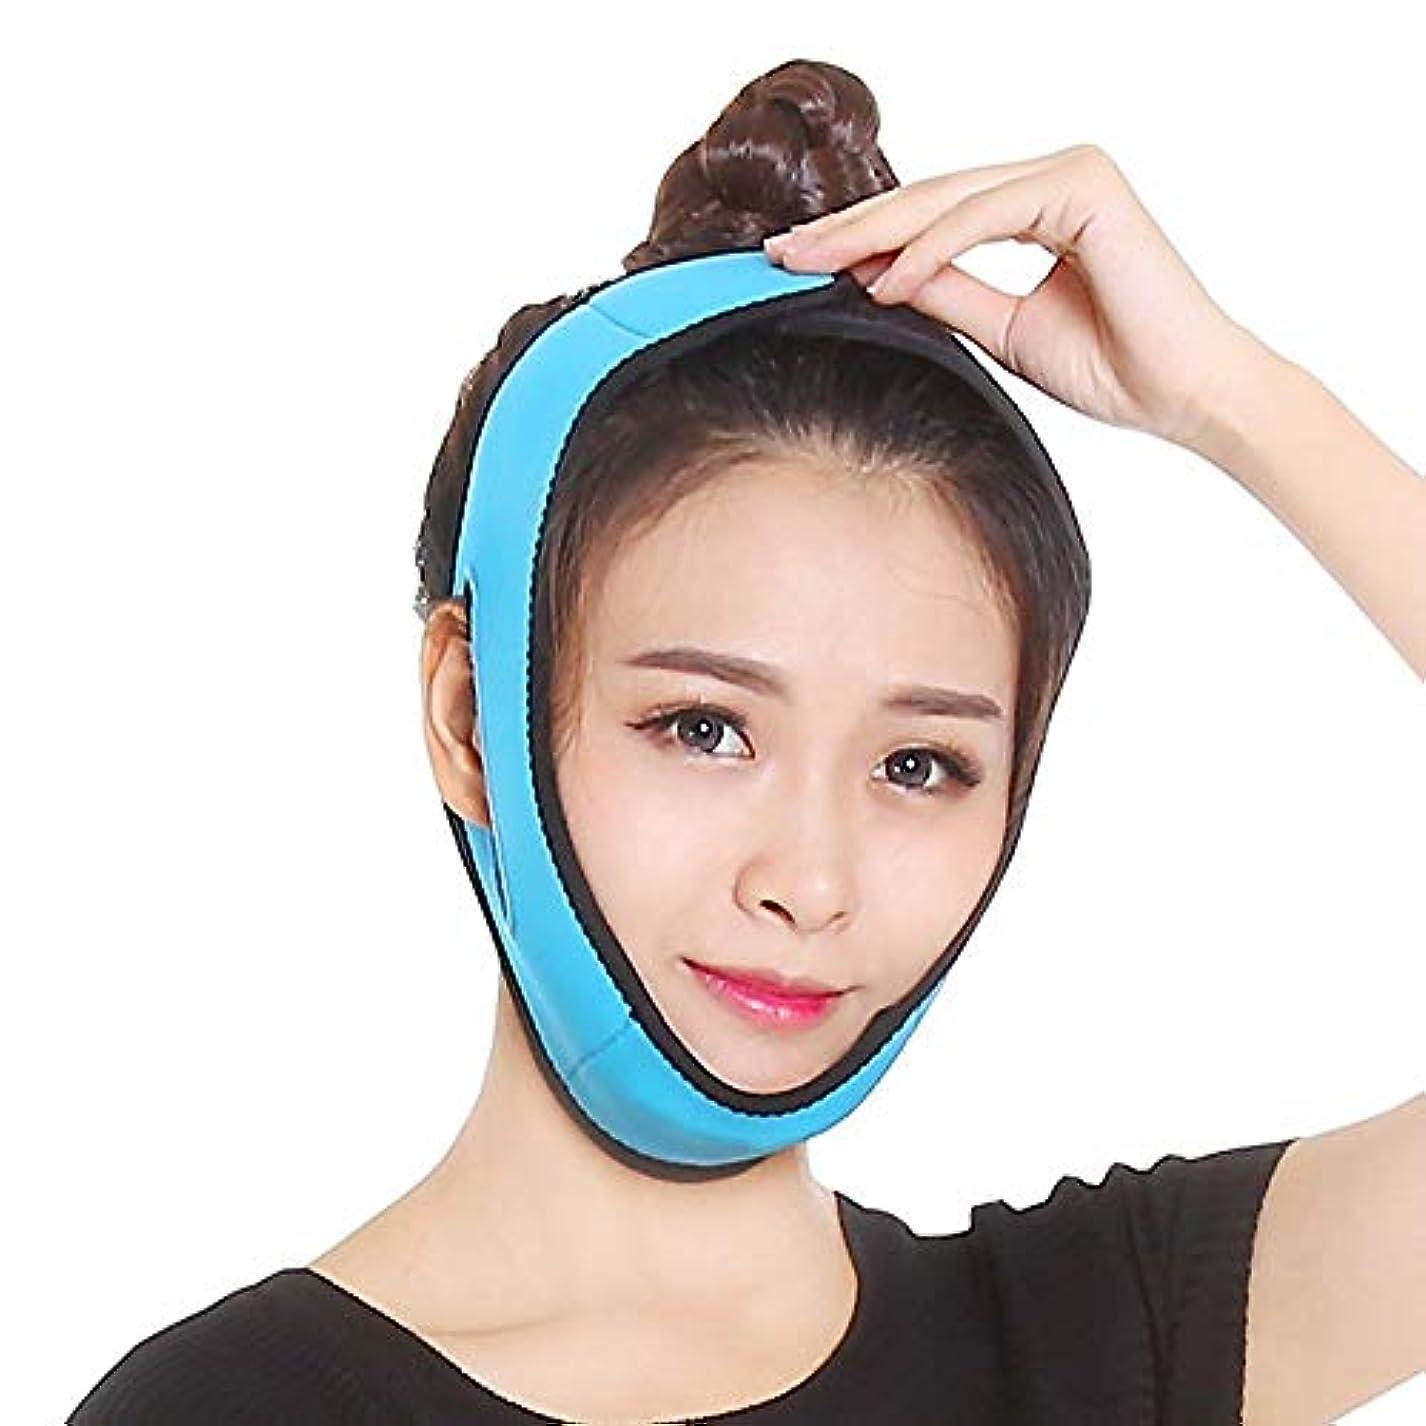 フルーティーインターネットチーターGYZ フェイシャルリフティングスリミングベルト - 薄いフェイス包帯二重あごデバイス無料フェイシャルマッサージ整形マスクを引き締める顔と首の顔スリム Thin Face Belt